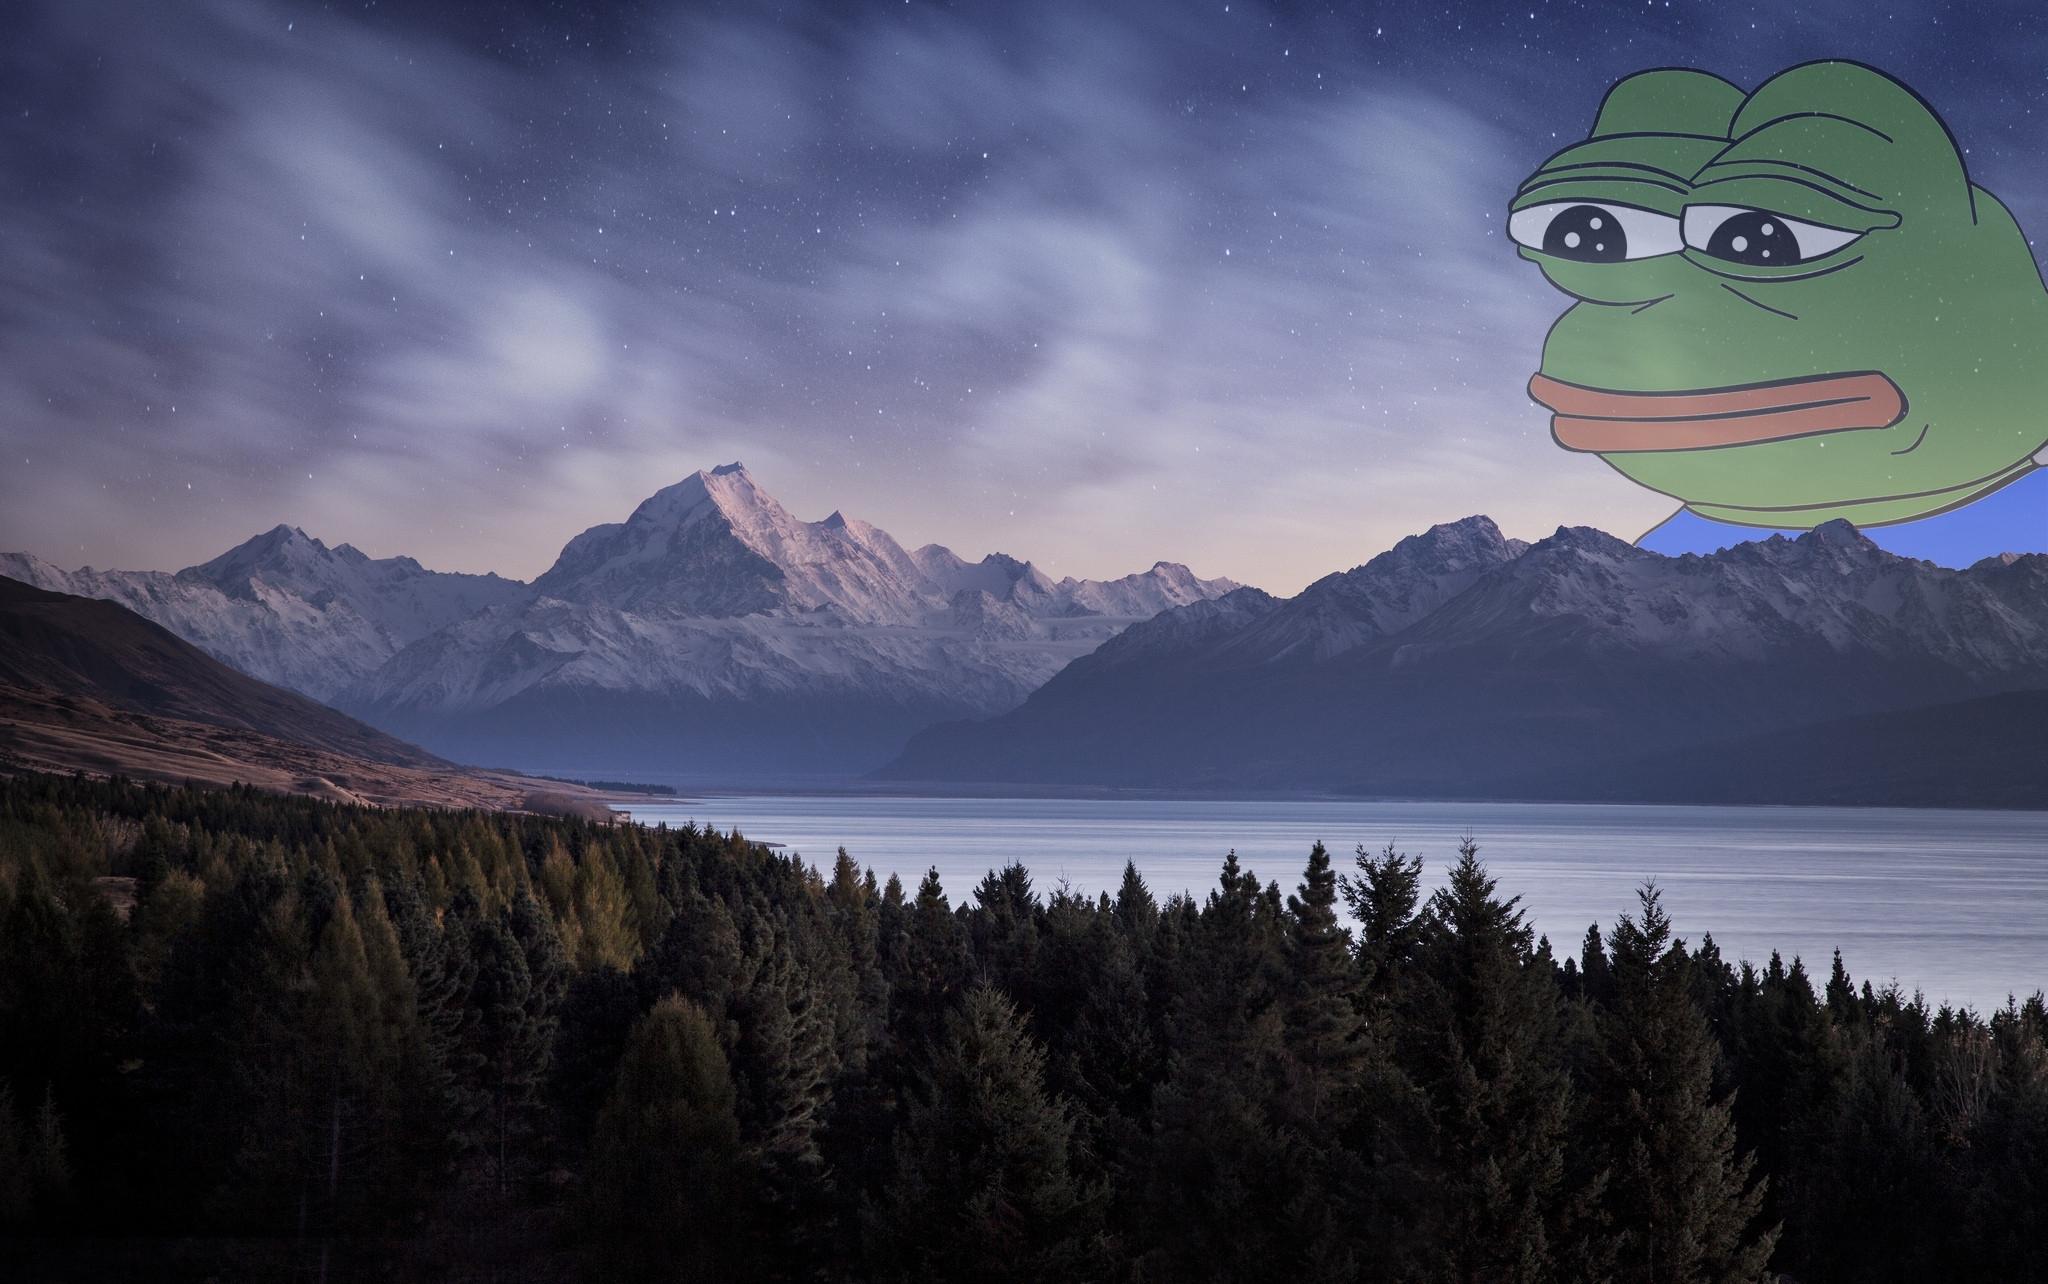 pepe meme wallpaper (72+ images)